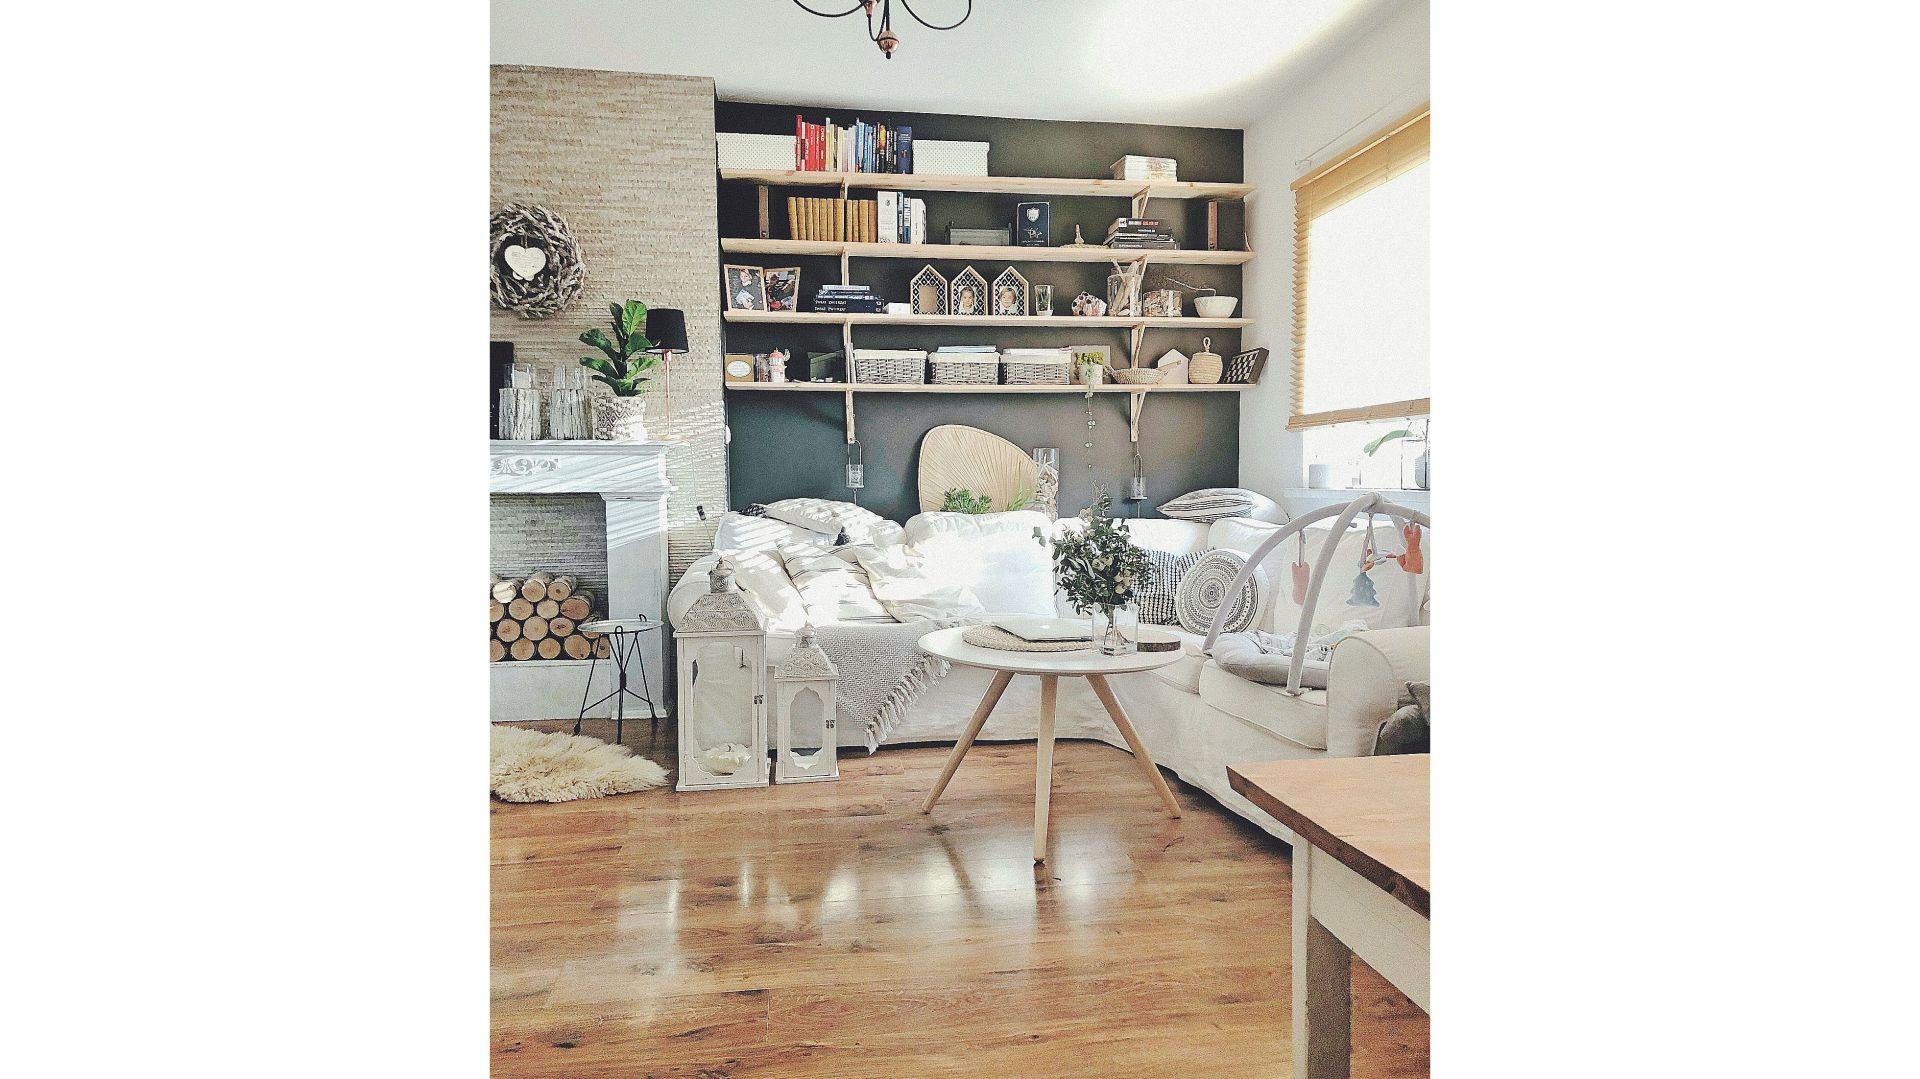 Mieszkanie na piętrze domu jednorodzinnego, zlokalizowane w Gliwicach. Autorka: Justyna Majewska